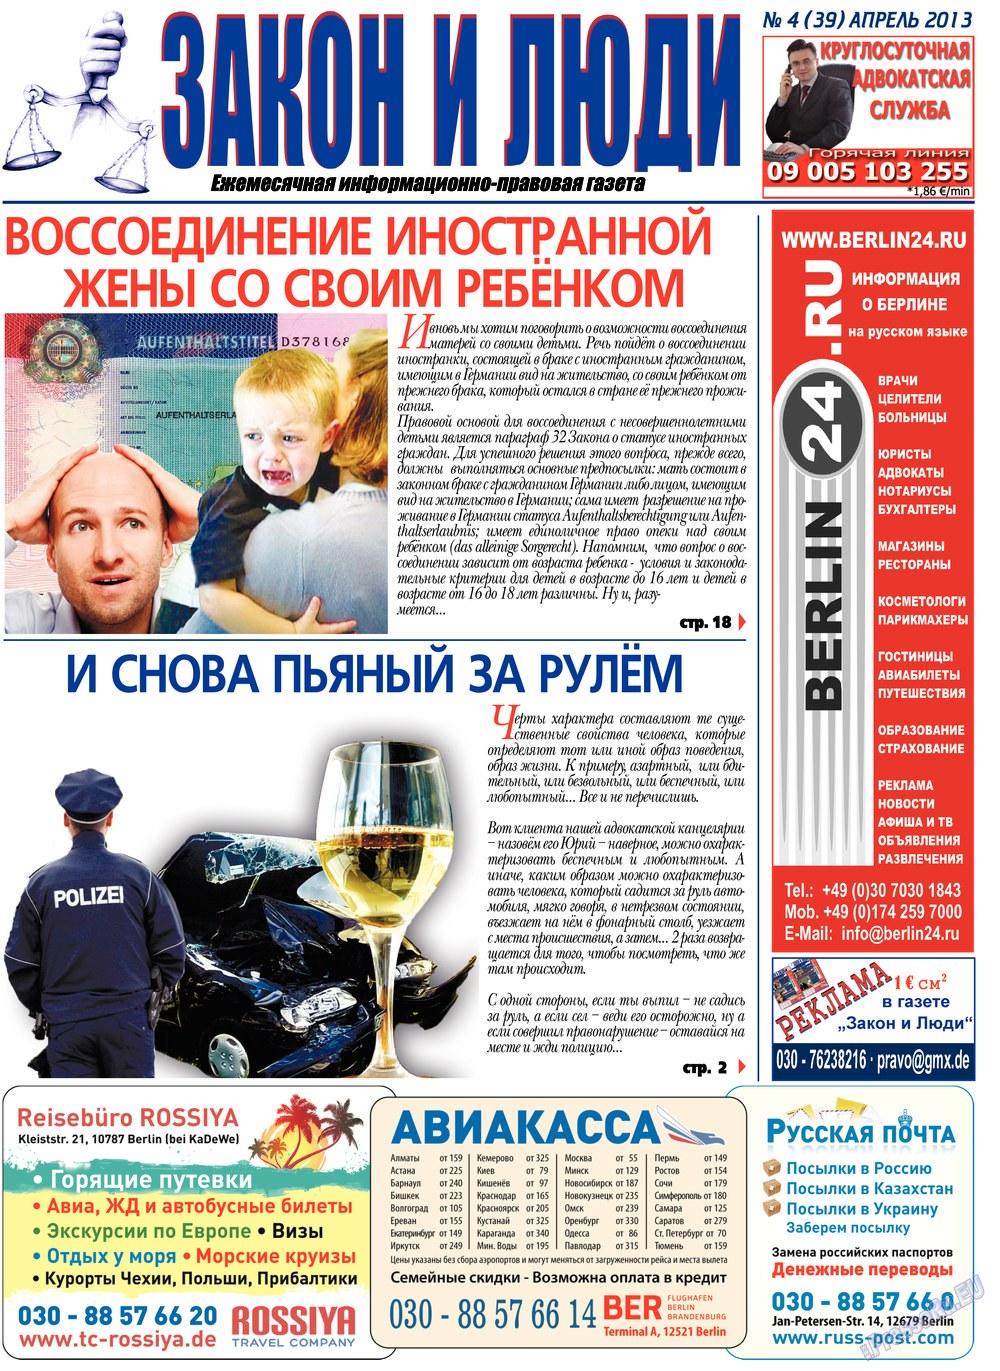 Закон и люди (газета). 2013 год, номер 4, стр. 1